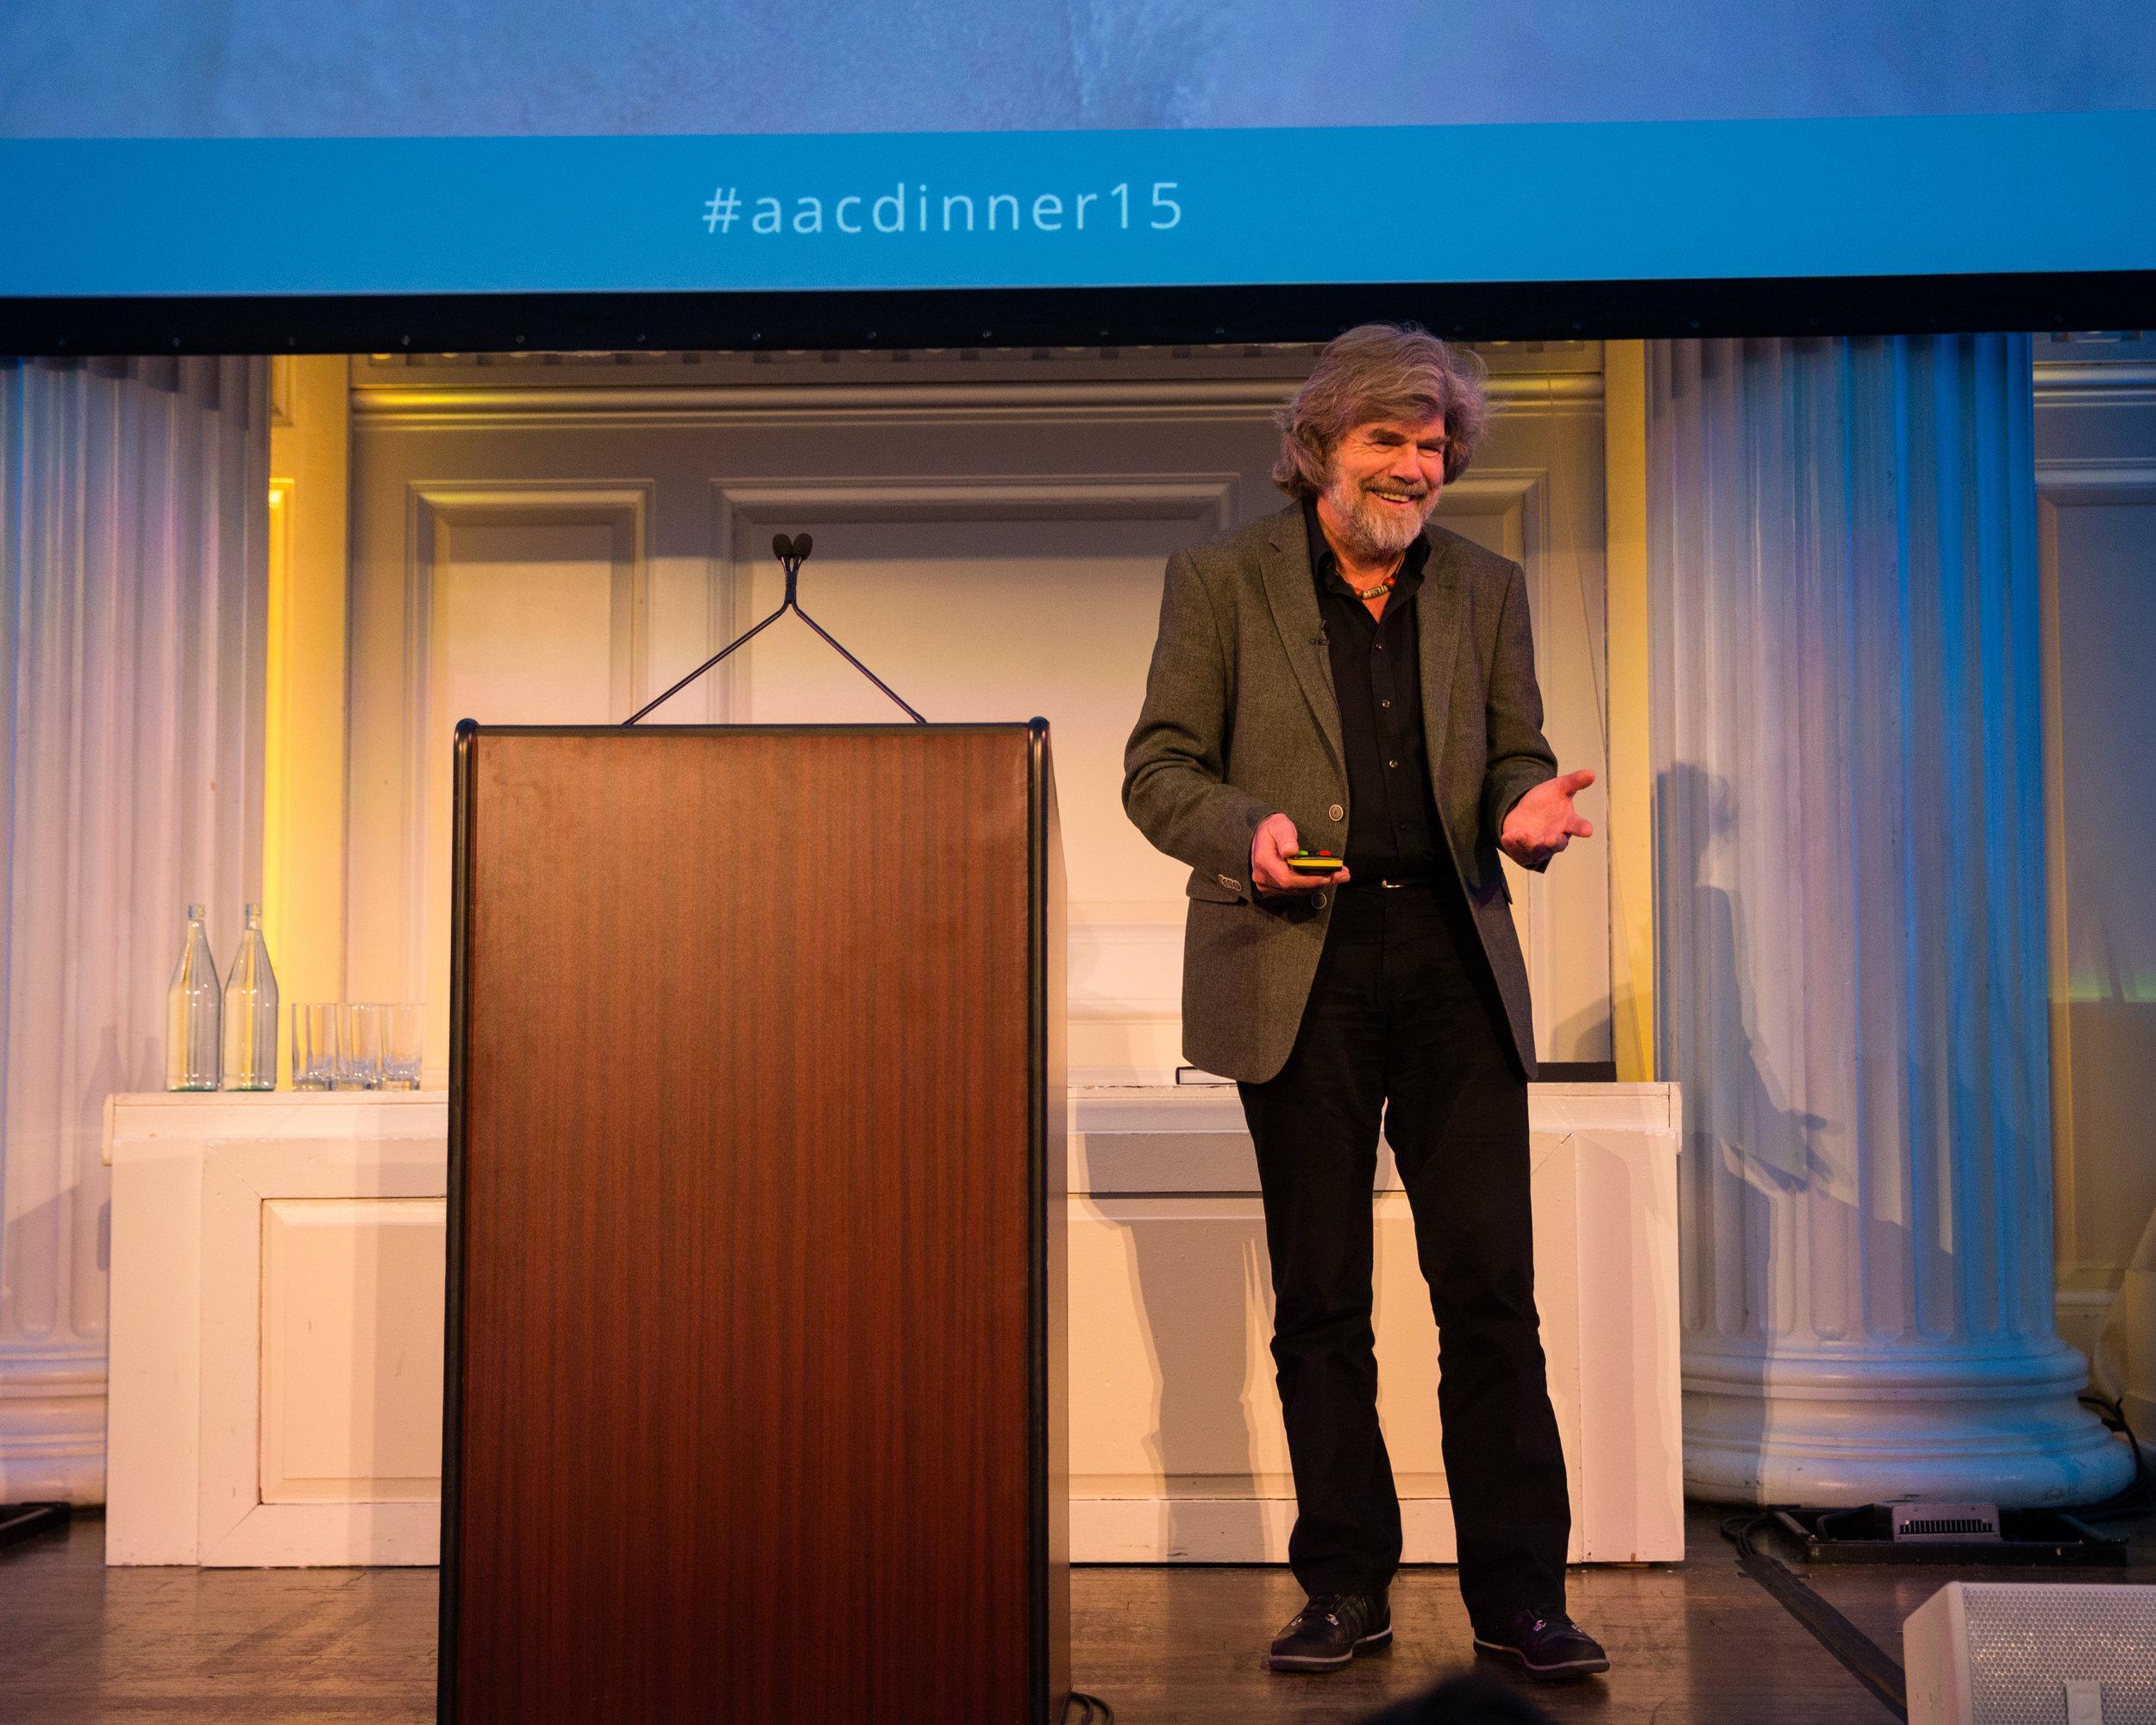 Honorary member Reinhold Messner